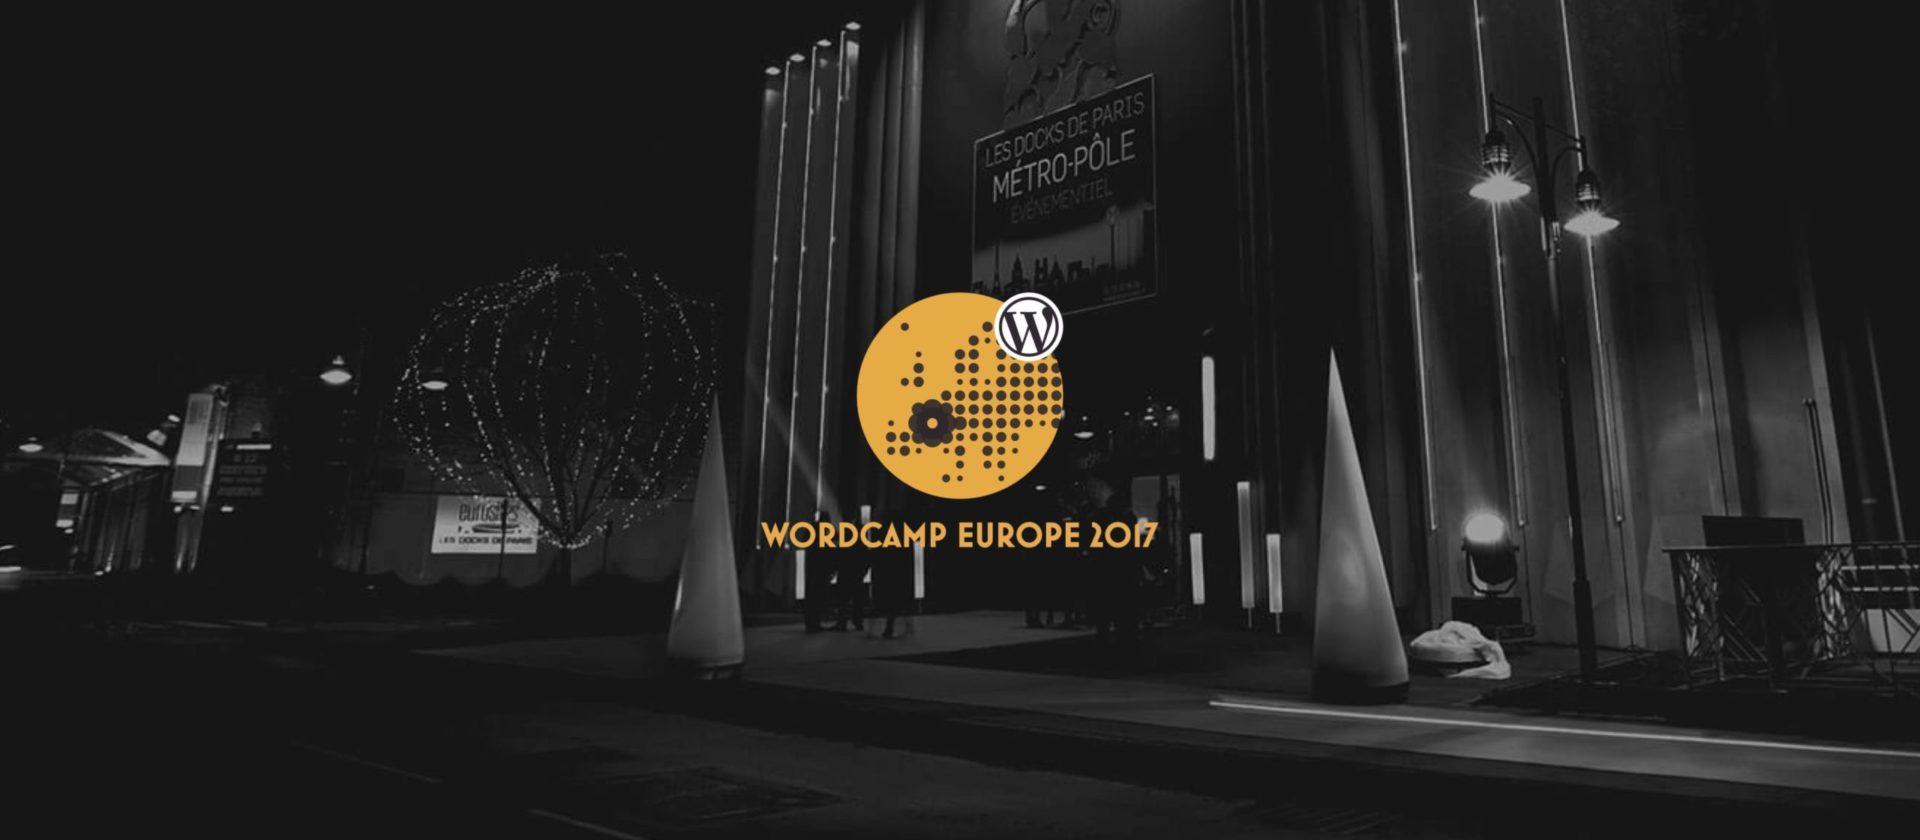 WordCamp Europe 2017 in Paris